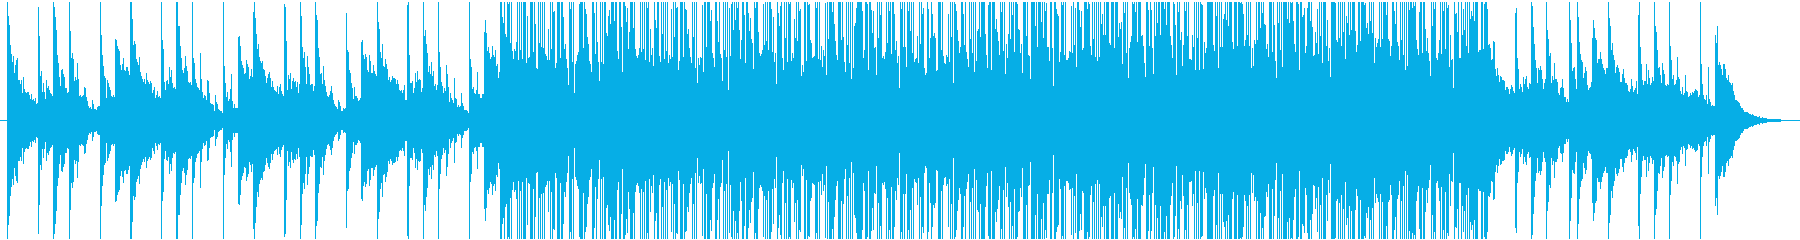 しっとりとした切ないエレクトロです。の再生済みの波形